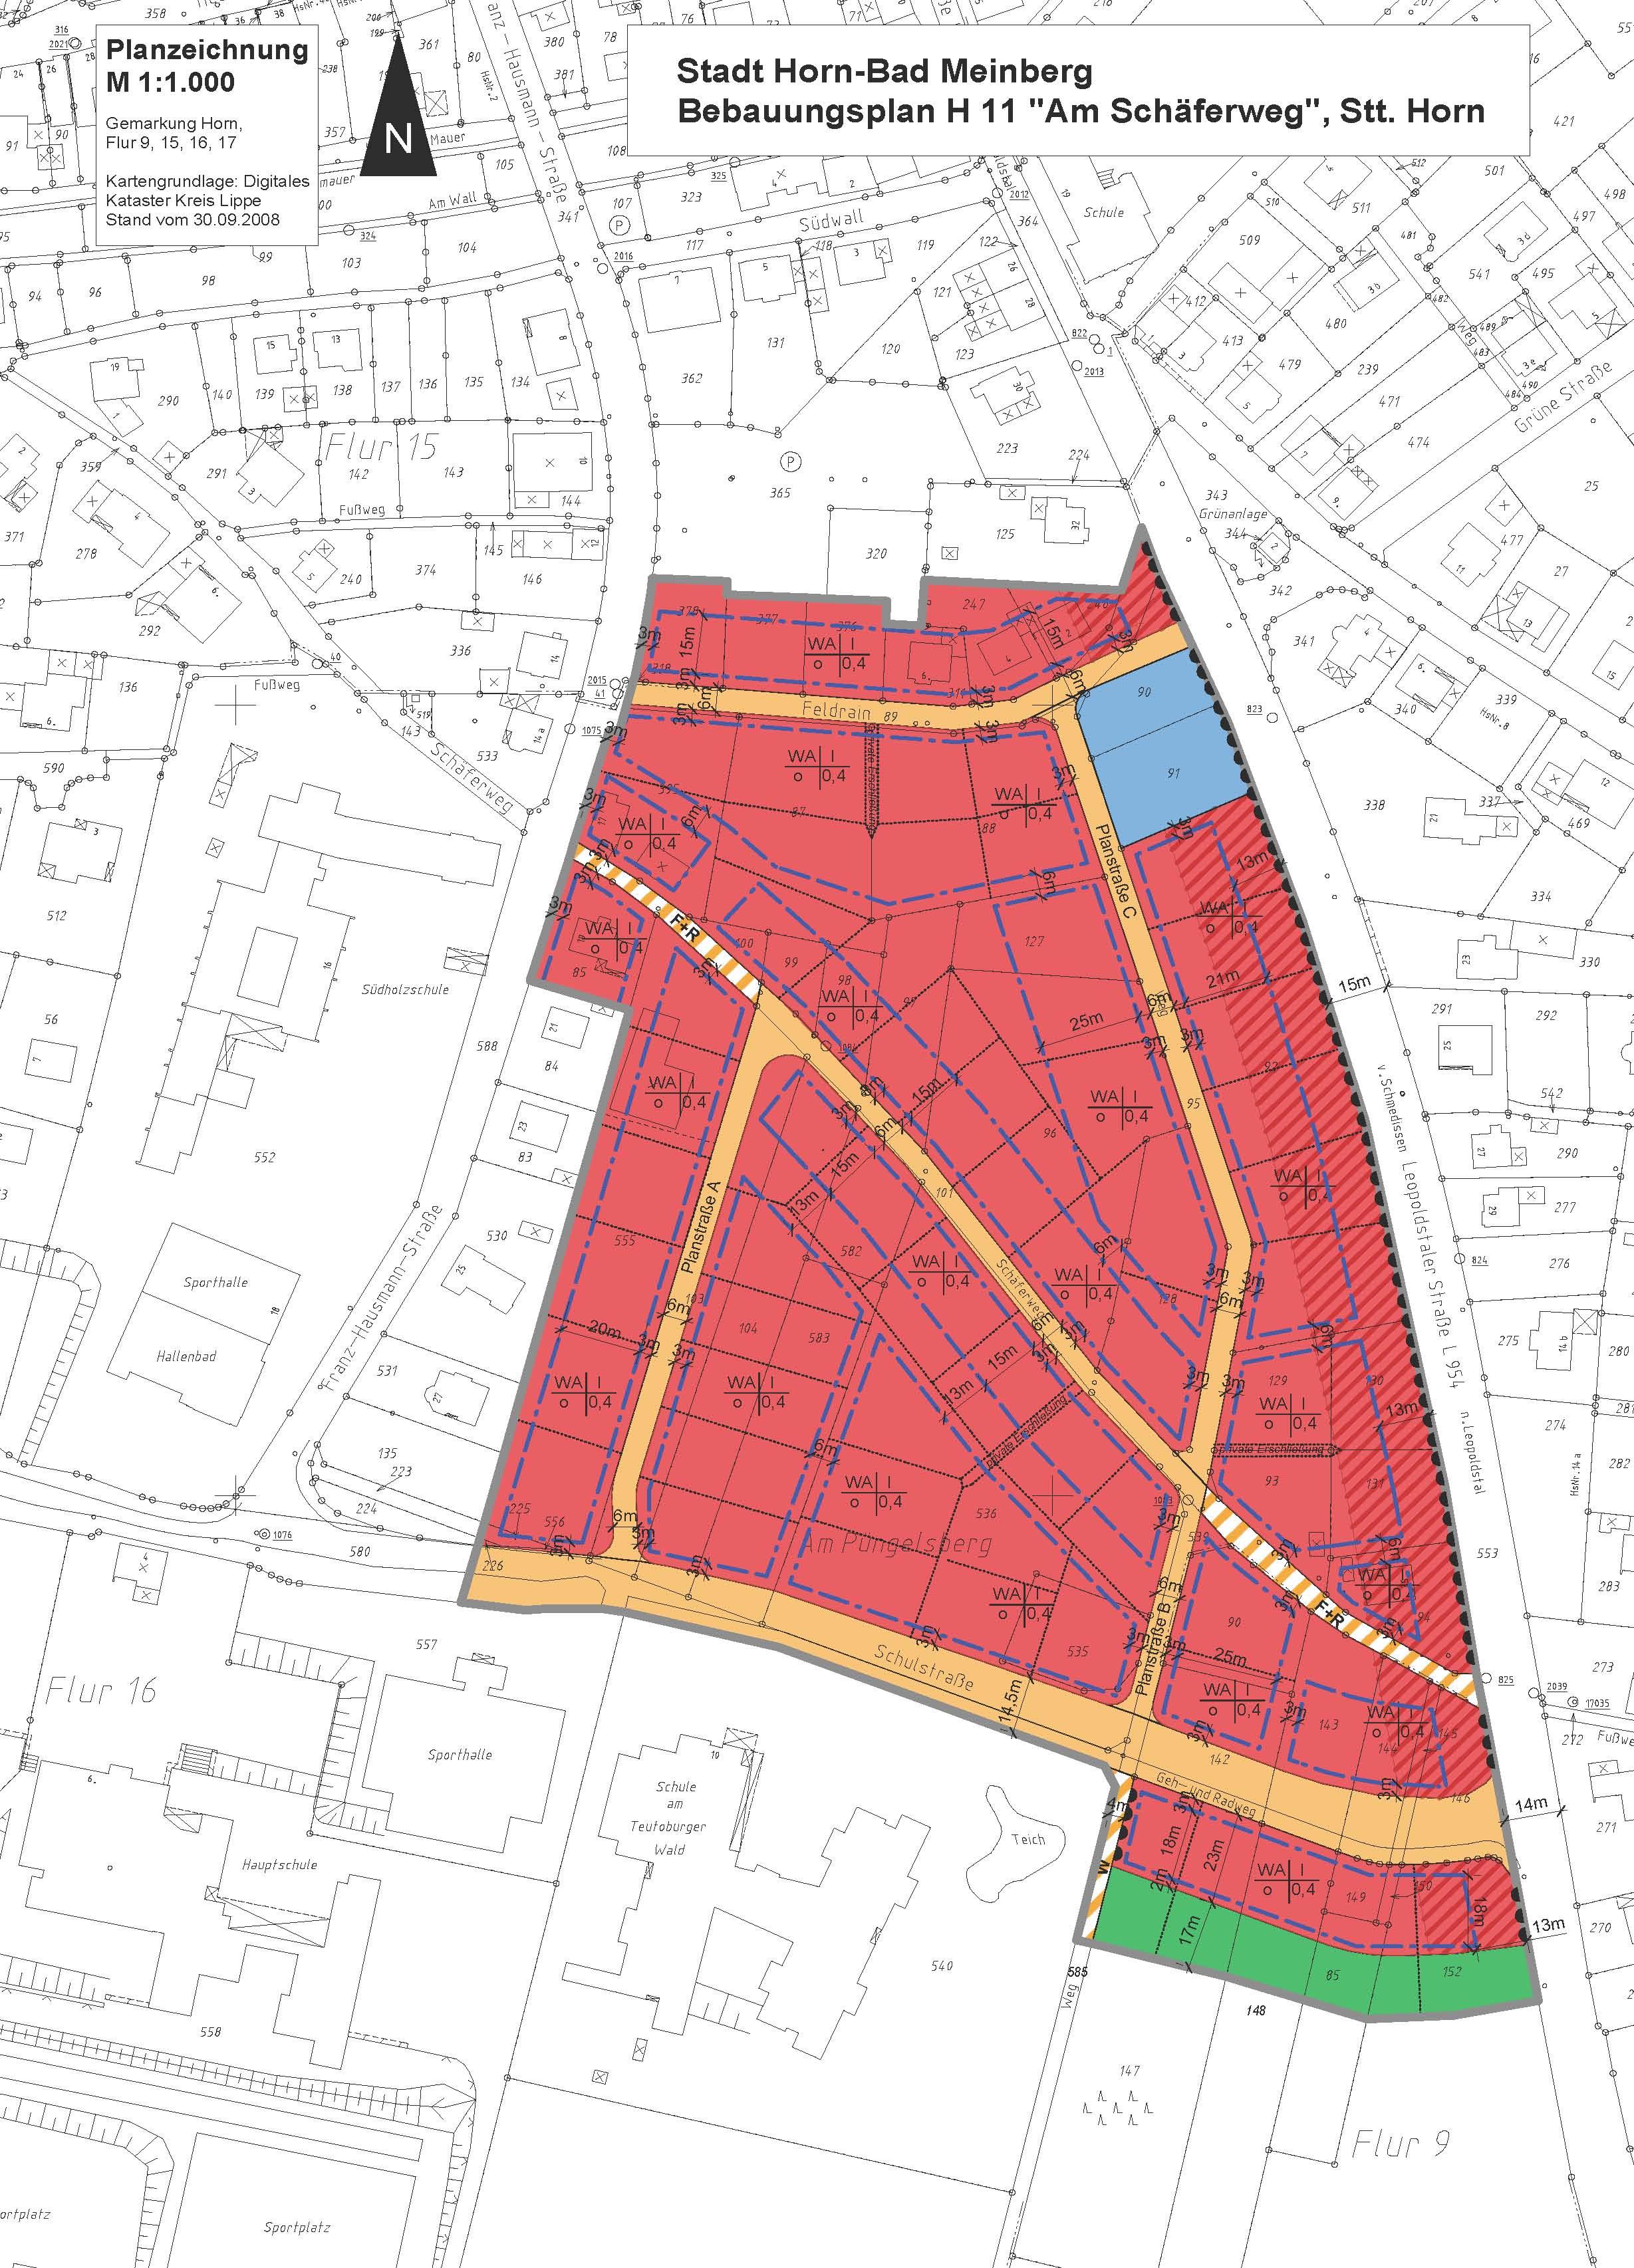 Bebauungsplan H 11 Planzeichnung final